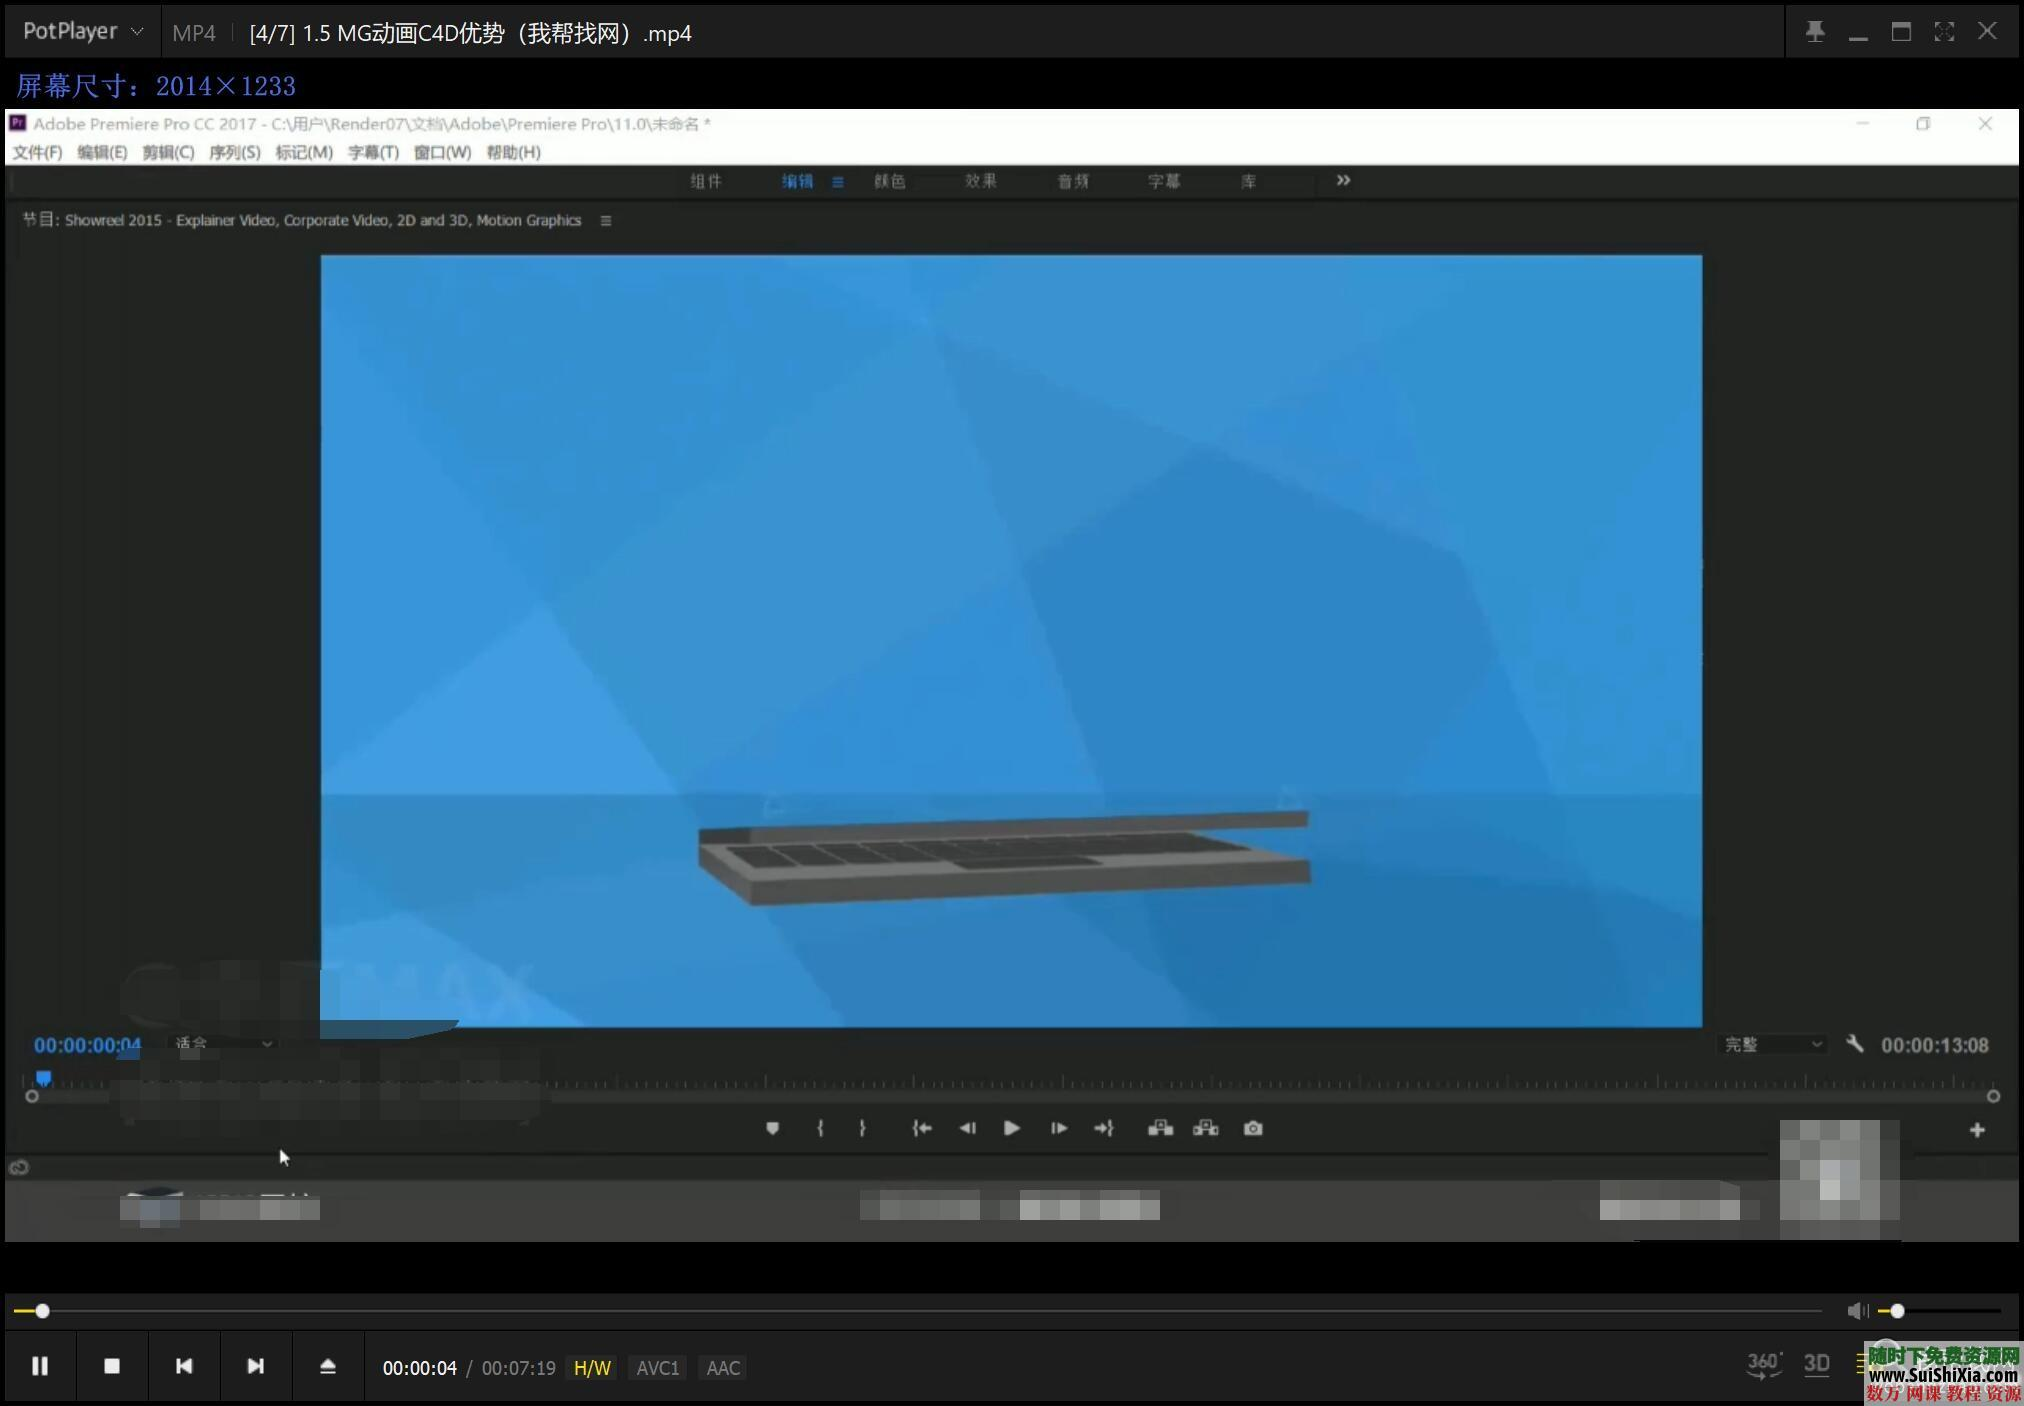 MG动画特效设计制作技巧视频教程+工程素材文件 第1张